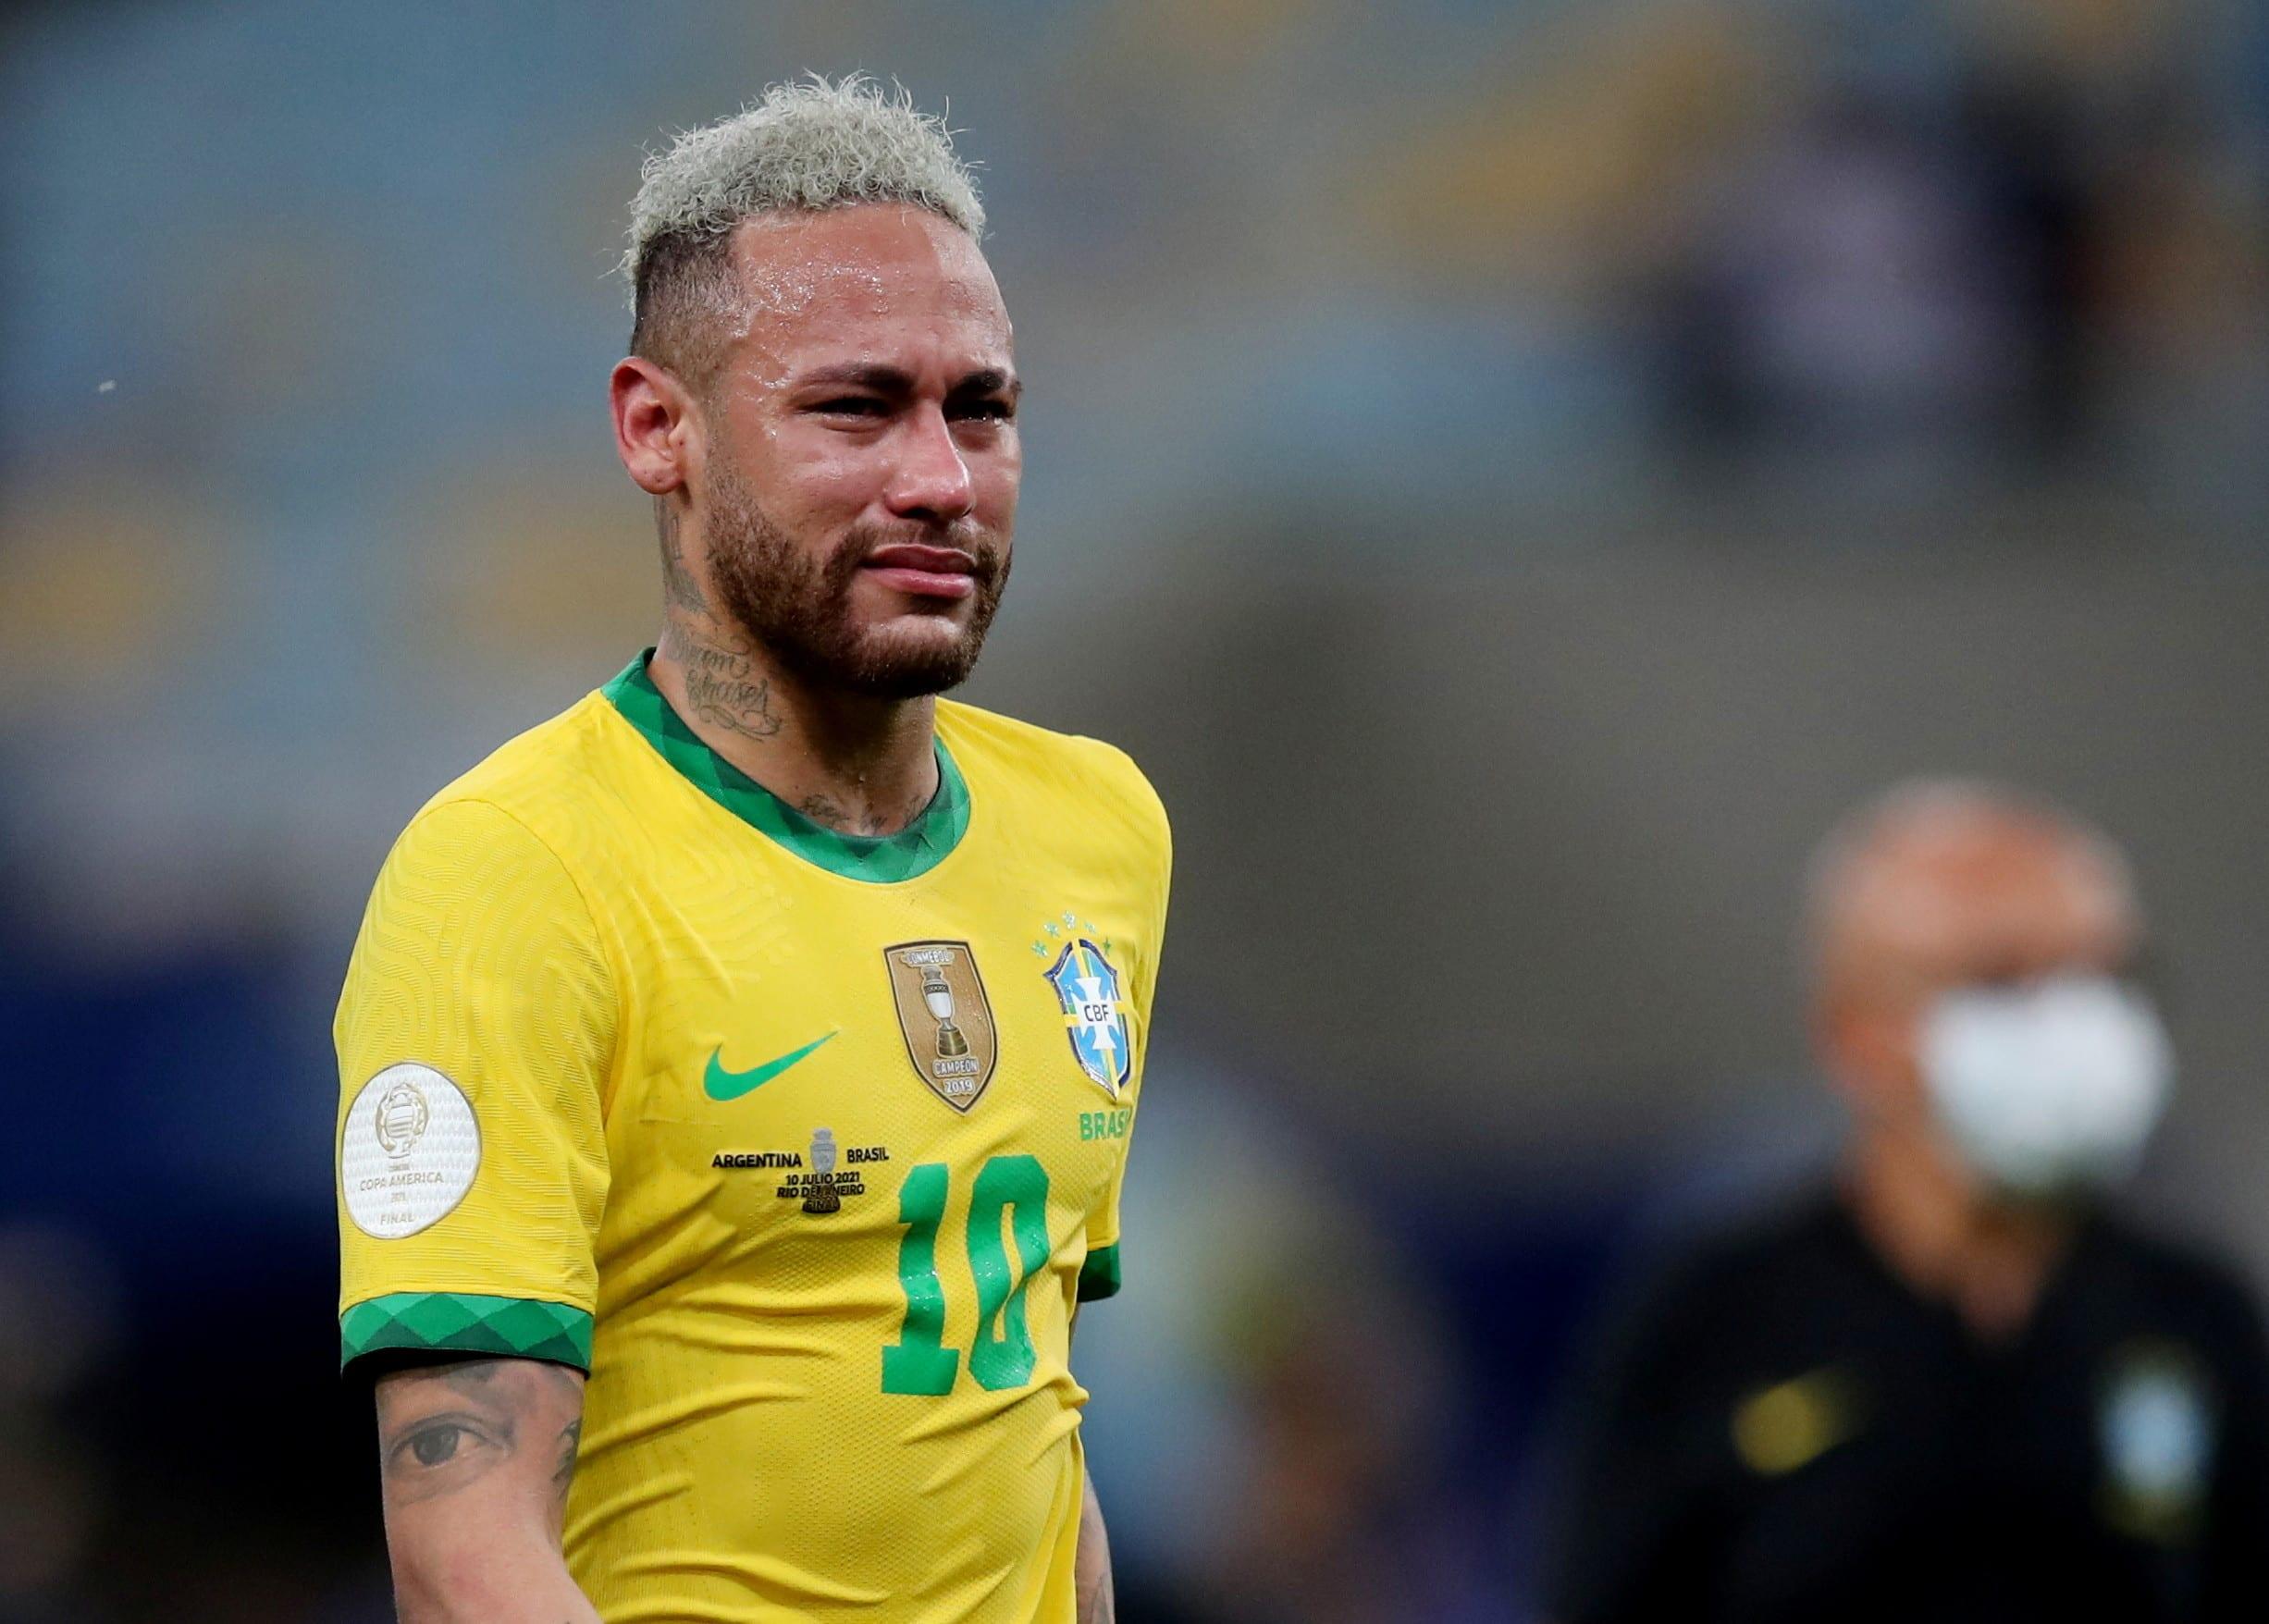 ניימאר, נבחרת ברזיל, בוכה אחרי ההפסד לארגנטינה בגמר הקופה אמריקה